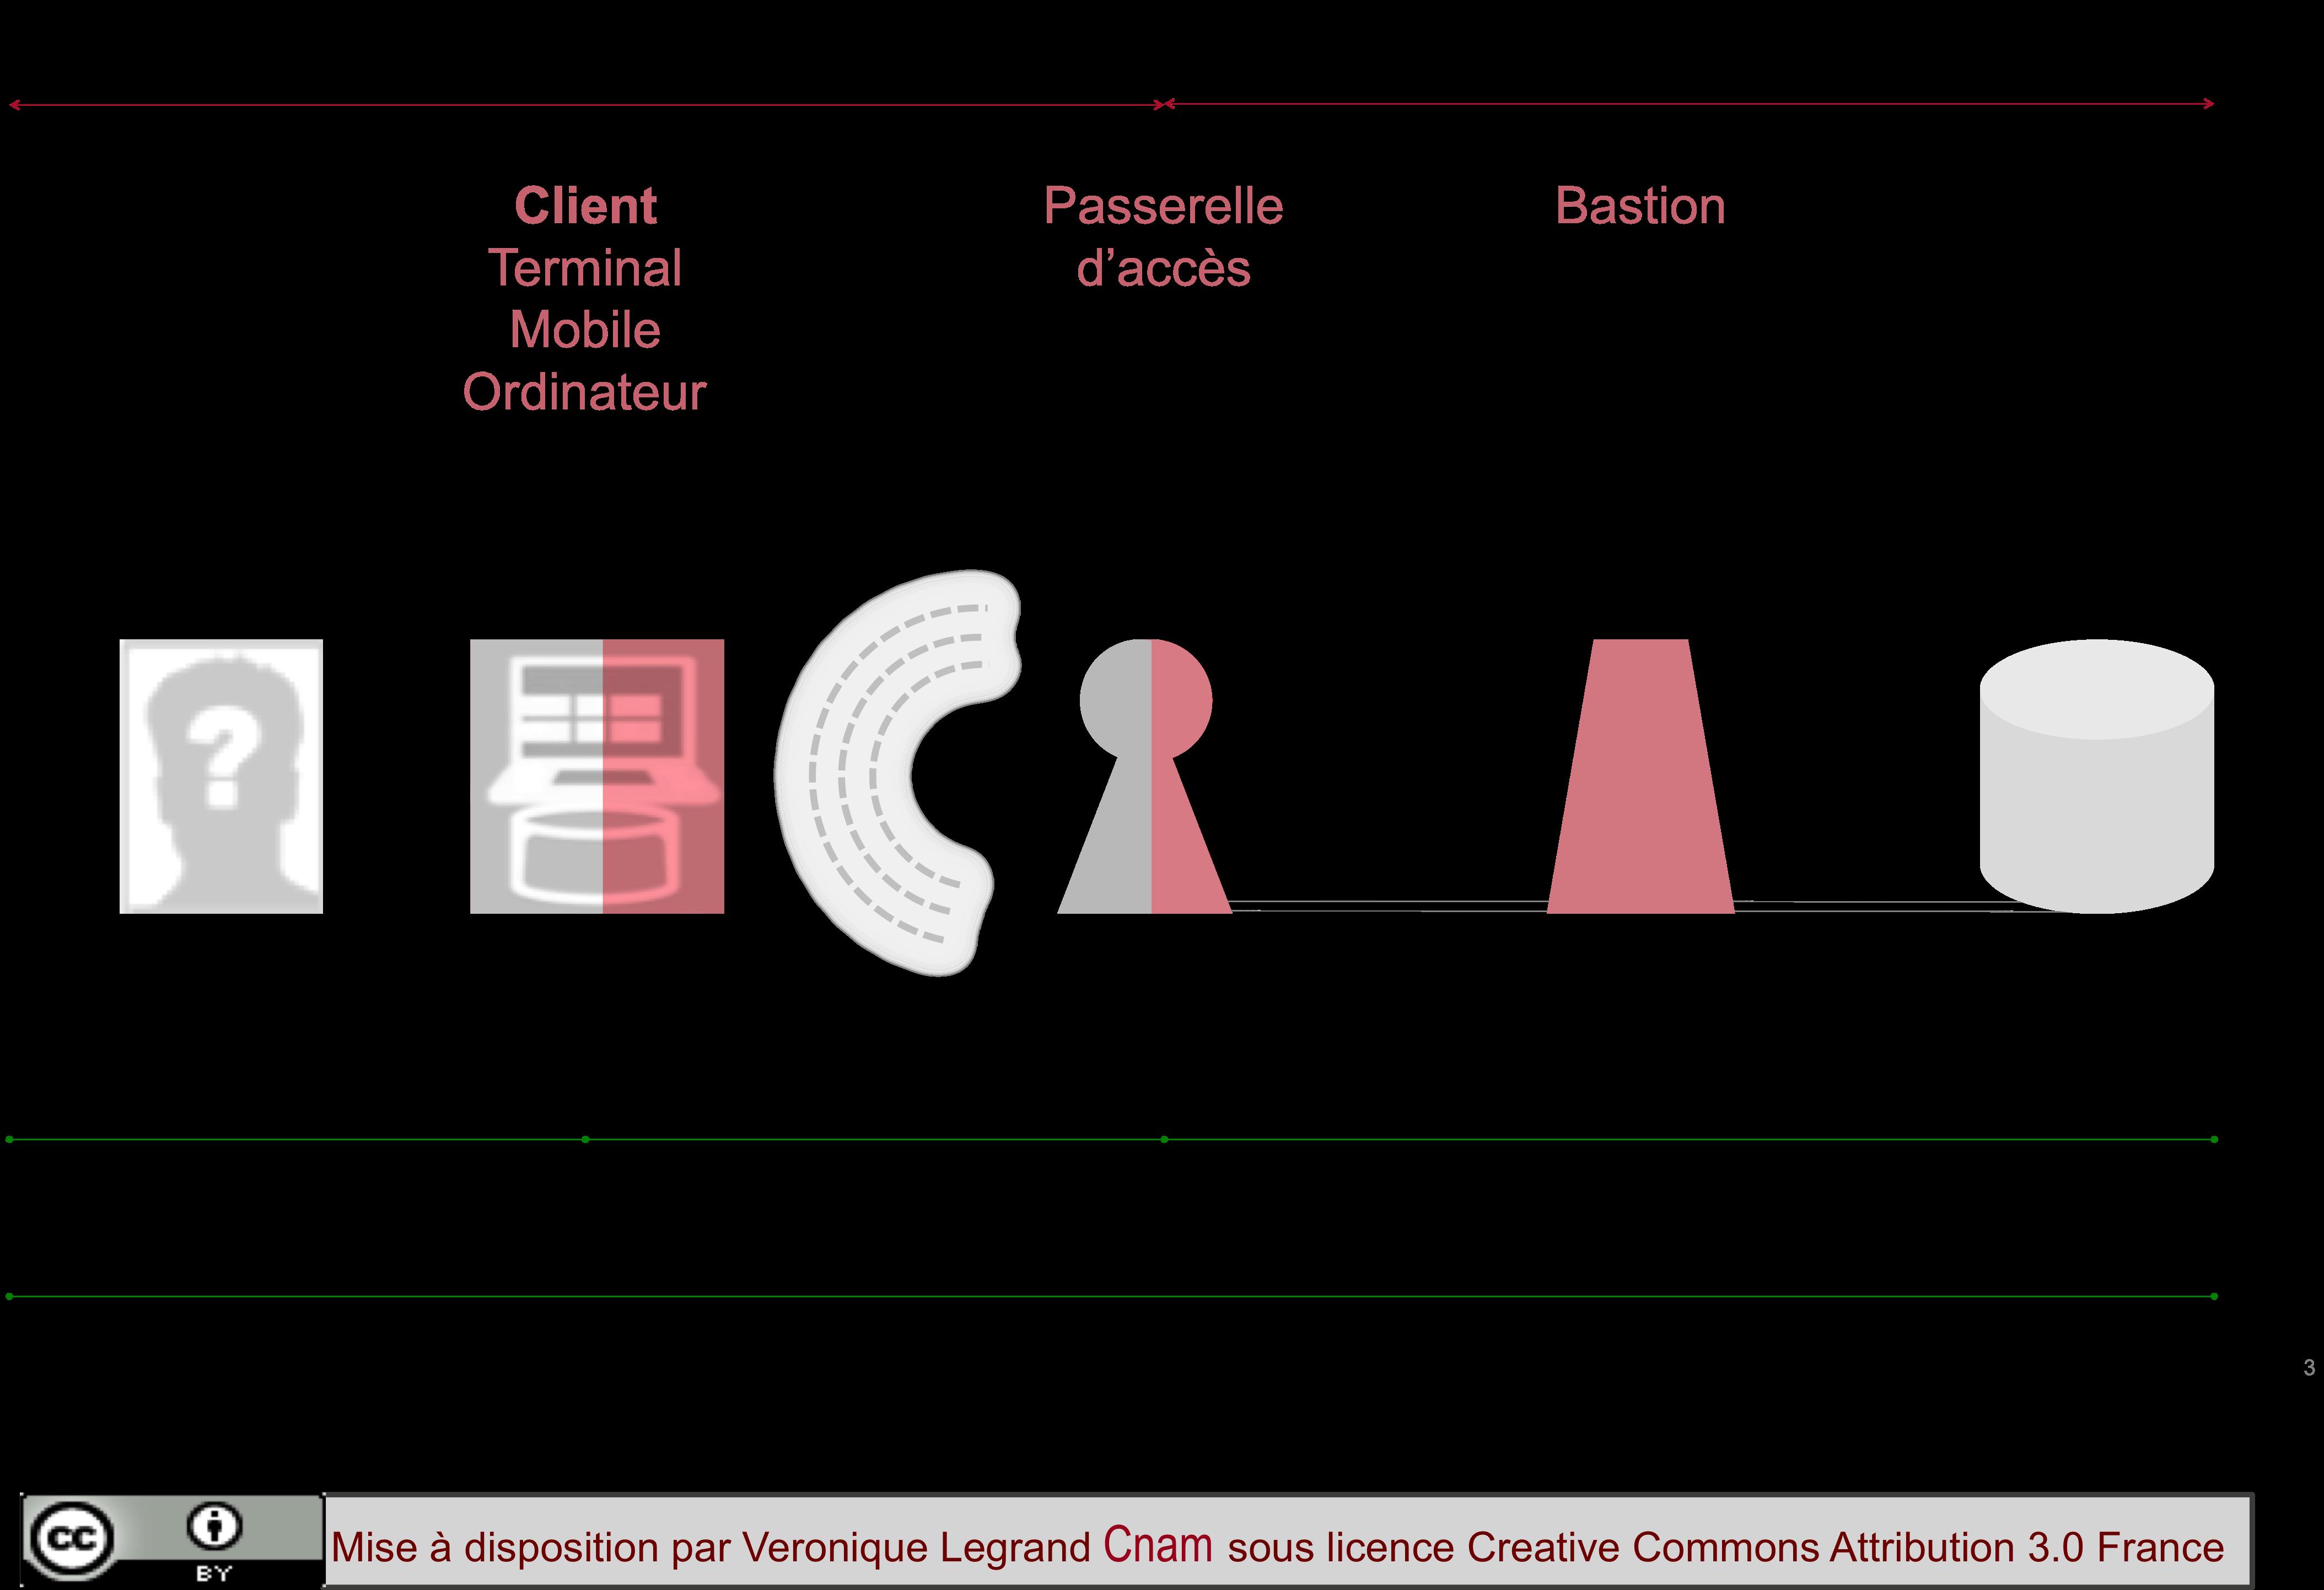 Eléments intervenants dans l'architecture de sécurité